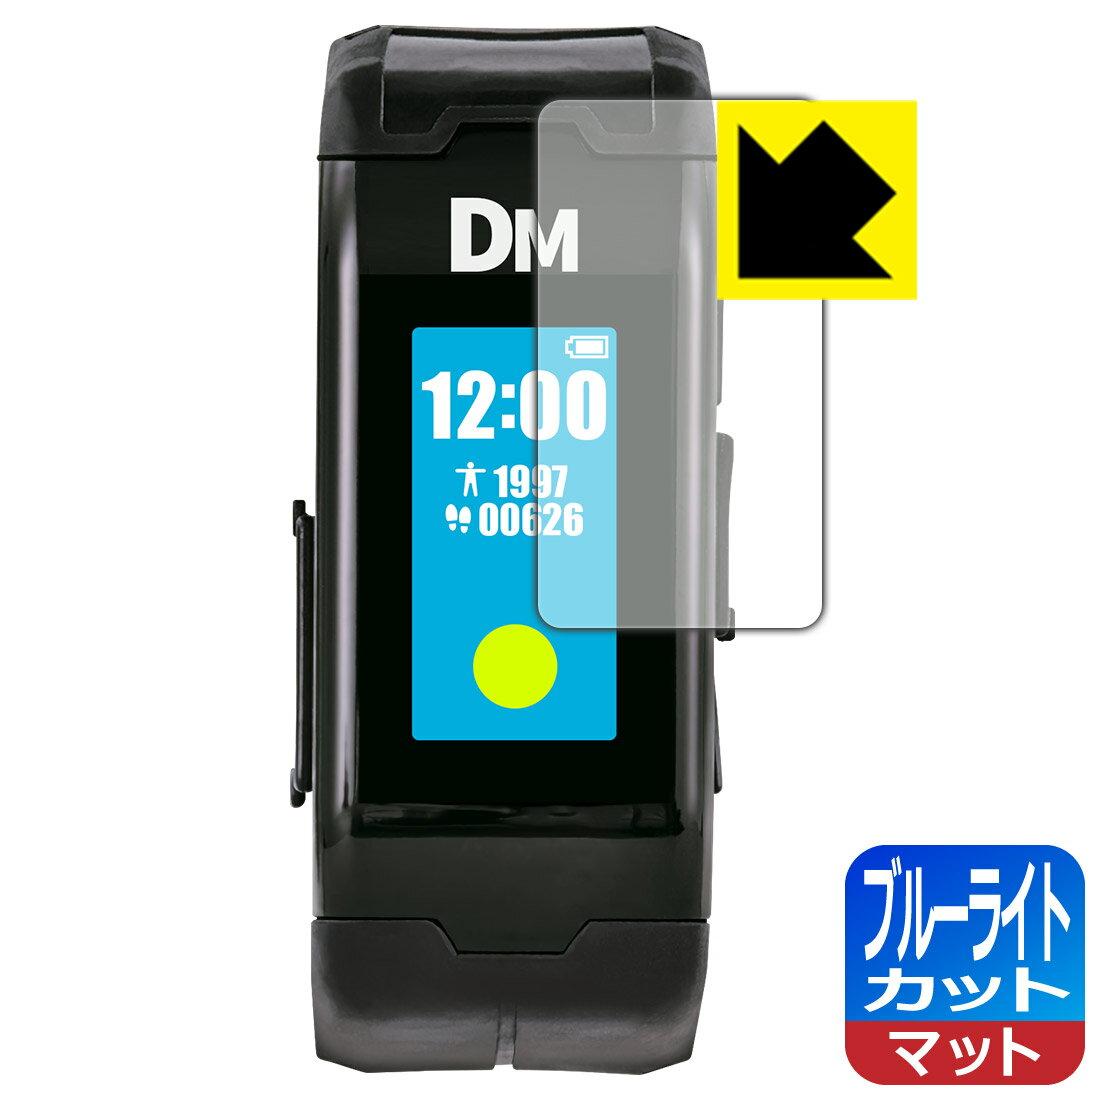 電子玩具・キッズ家電, その他  (-V-) RCPsmtb-kd